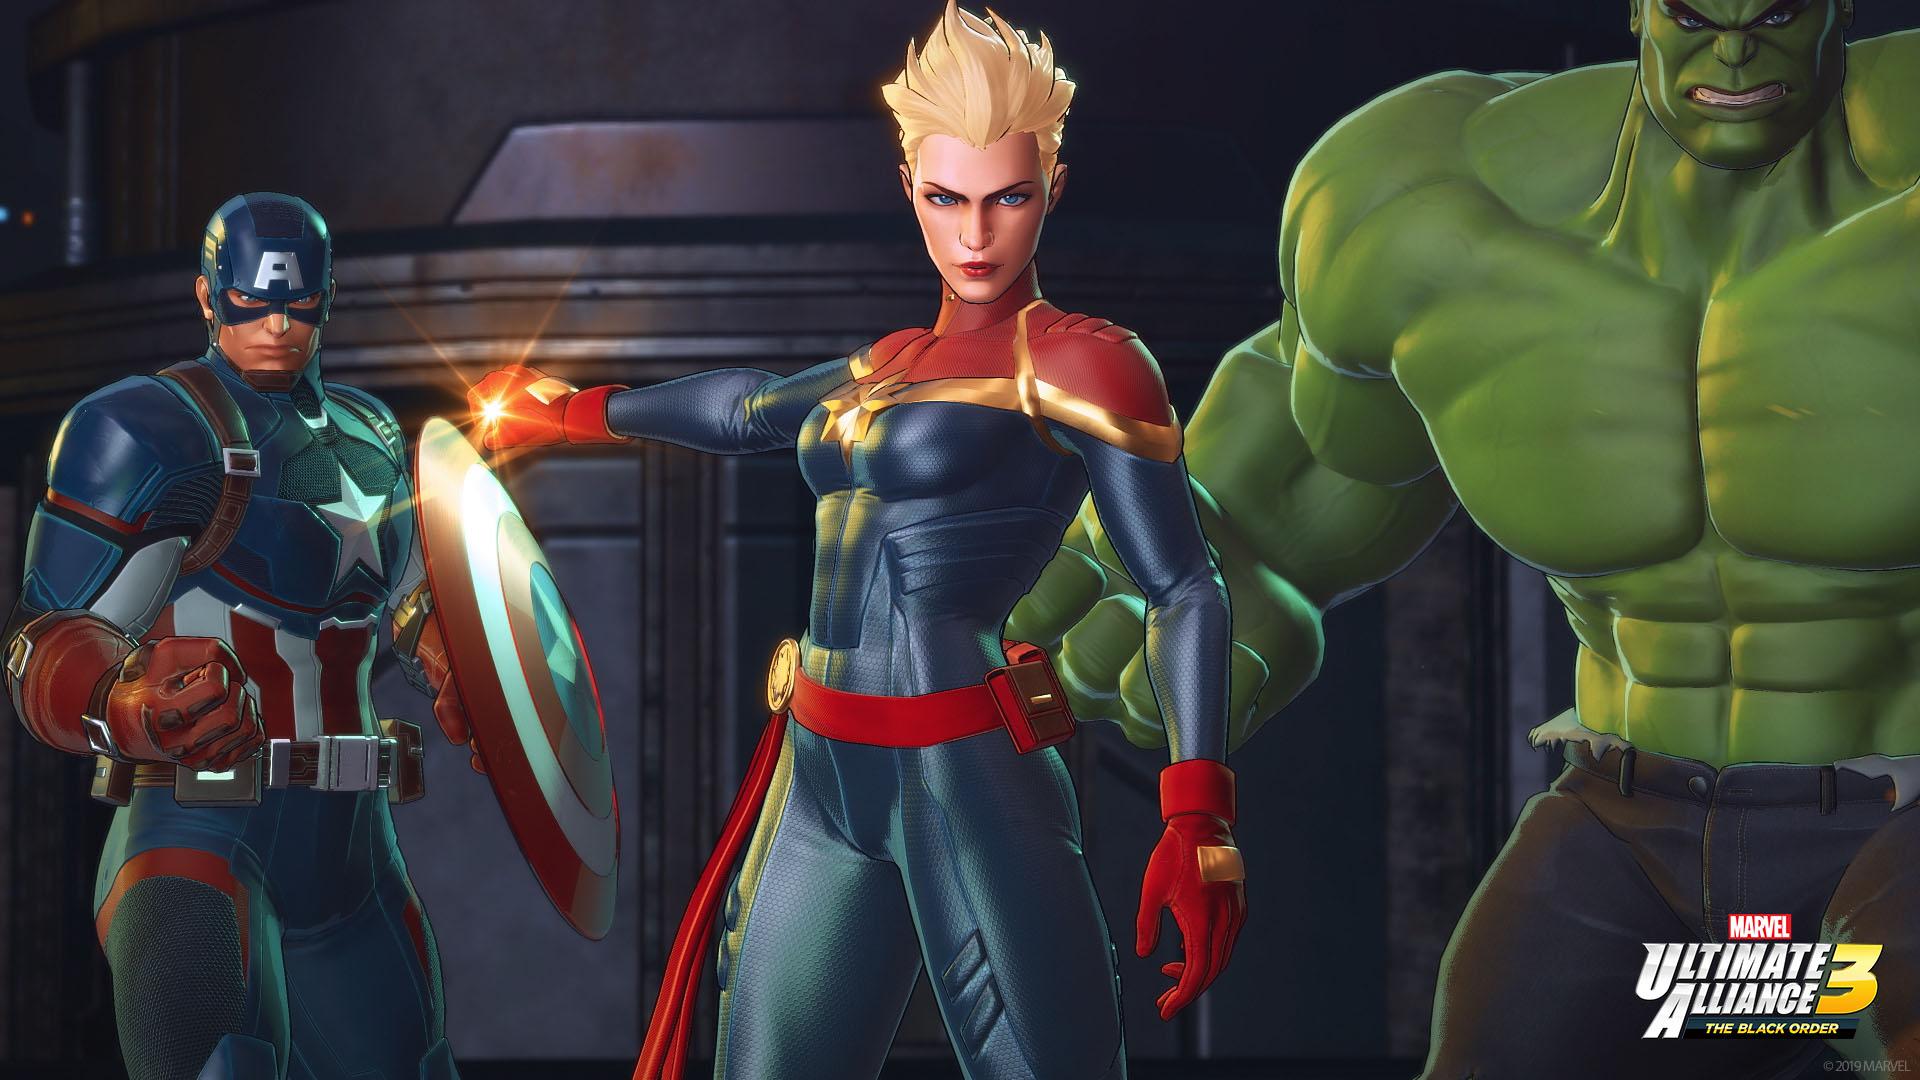 Marvel Ultimate Alliance 3 saldrá en Nintendo Switch el 19 de julio